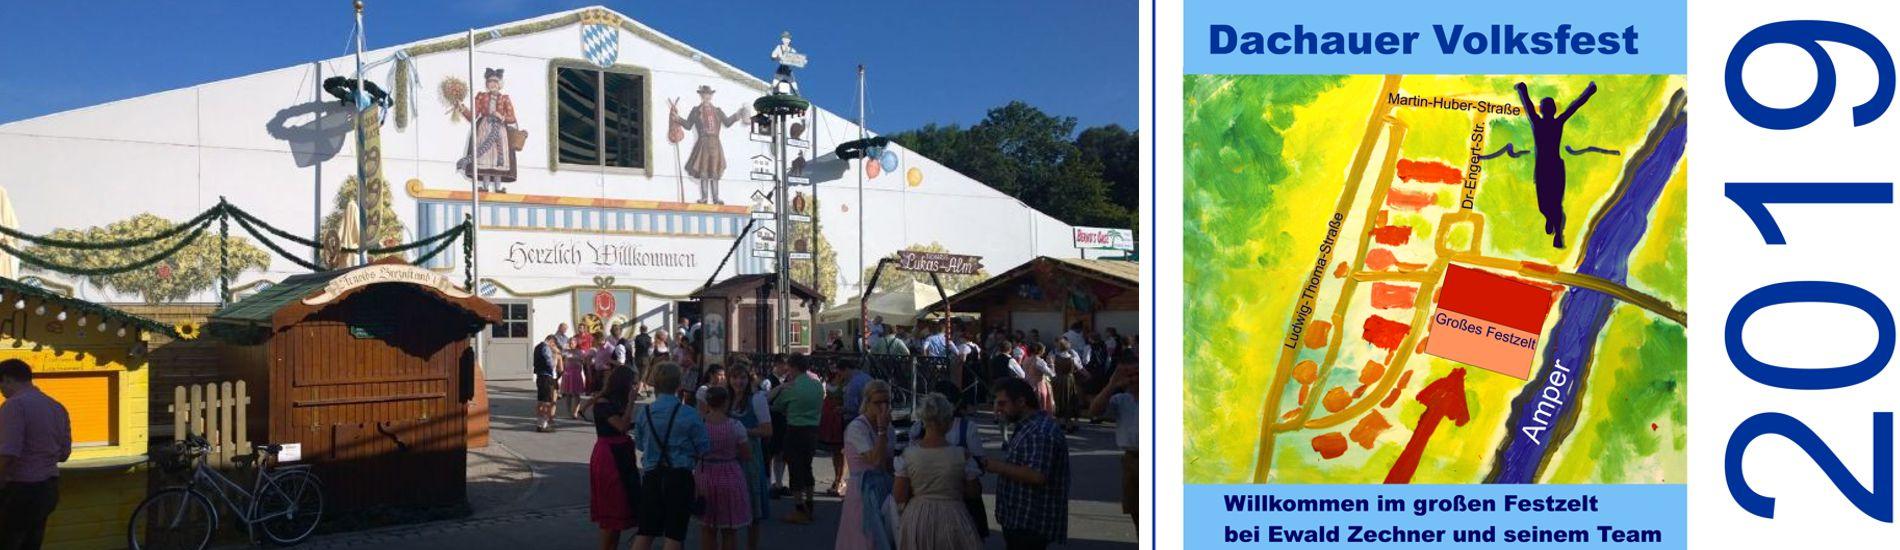 Dachauer Volksfest 2019